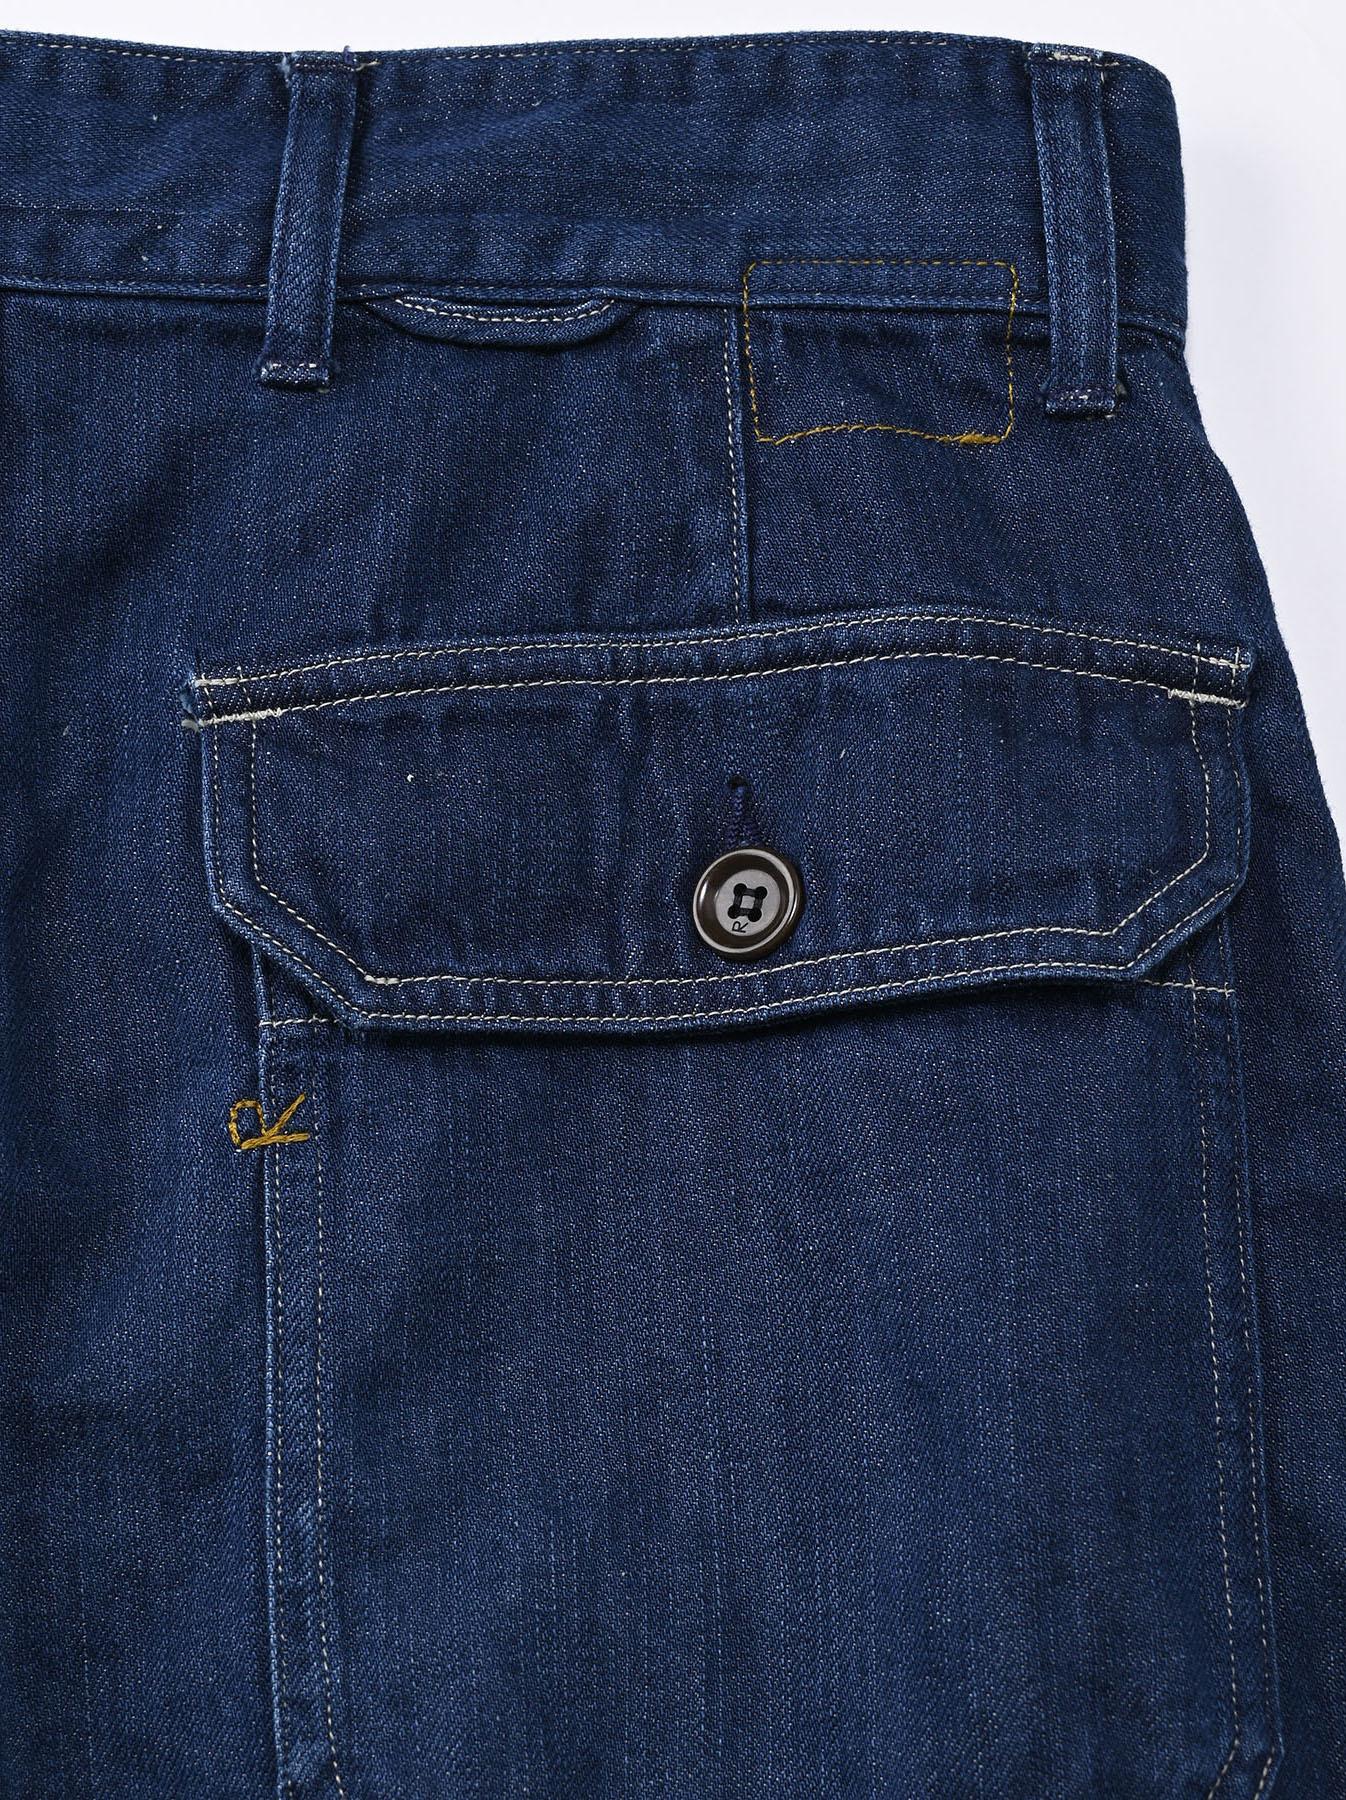 Komugi Cotton Denim 908 Baker Pants 2 (0521)-12